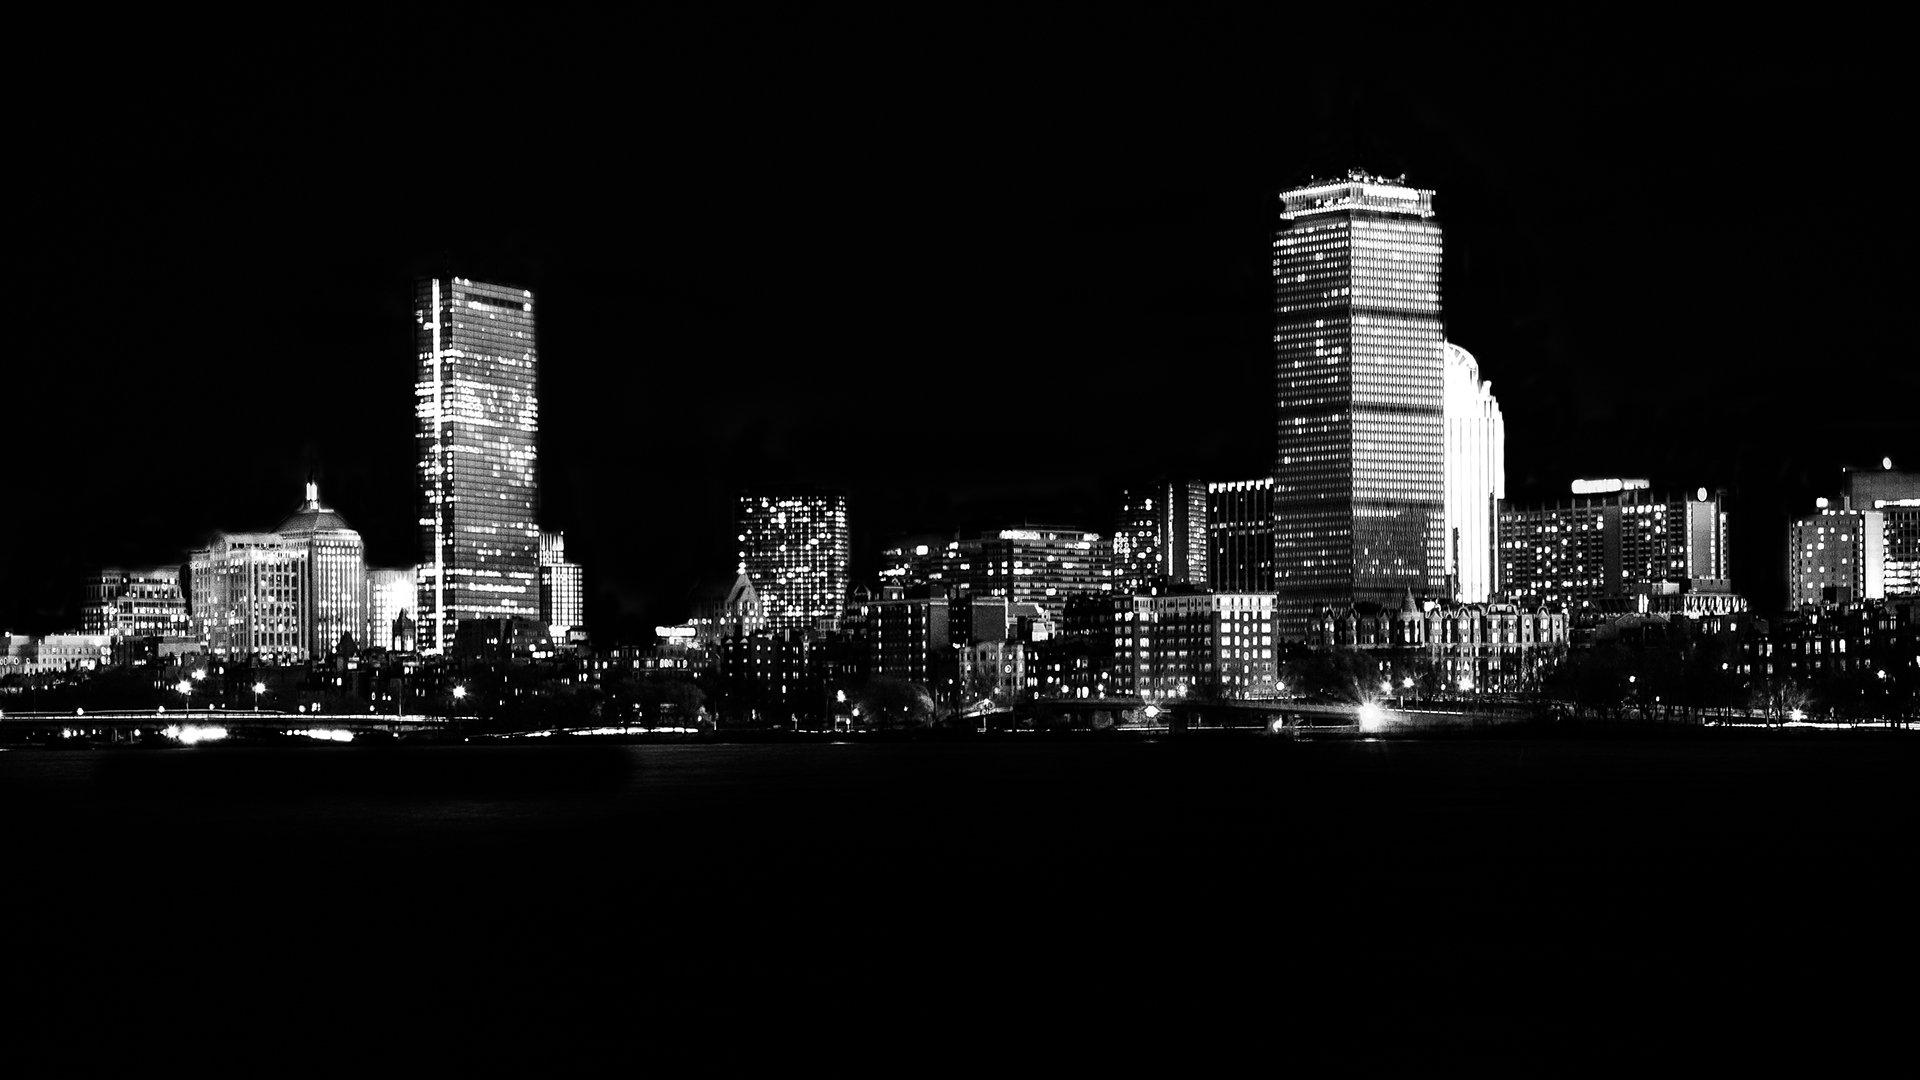 boston skyline 532144 - walldevil